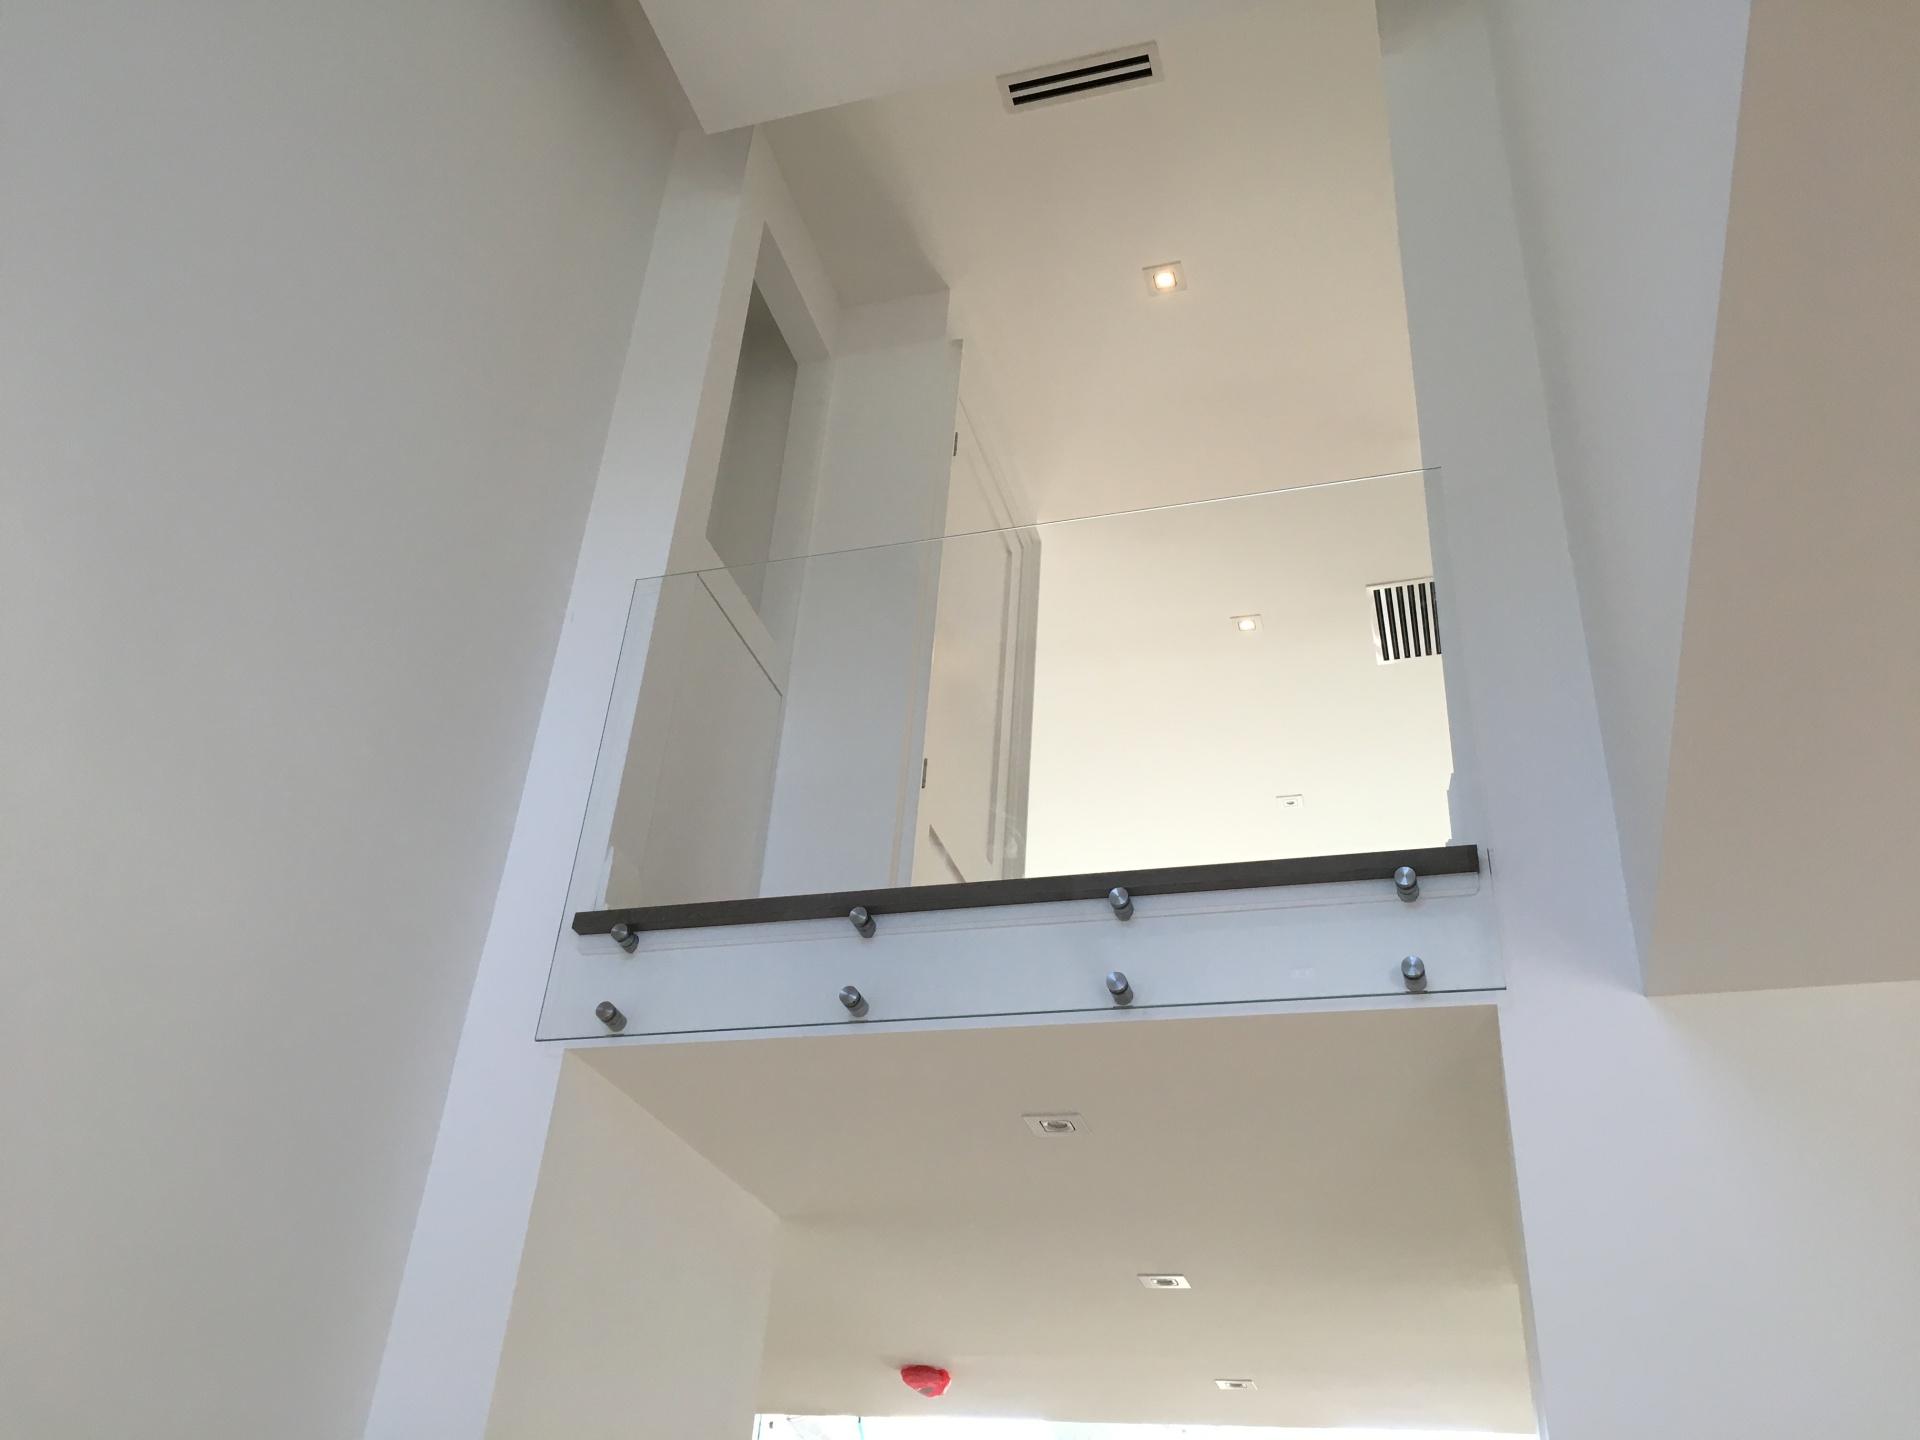 starphire glass railing